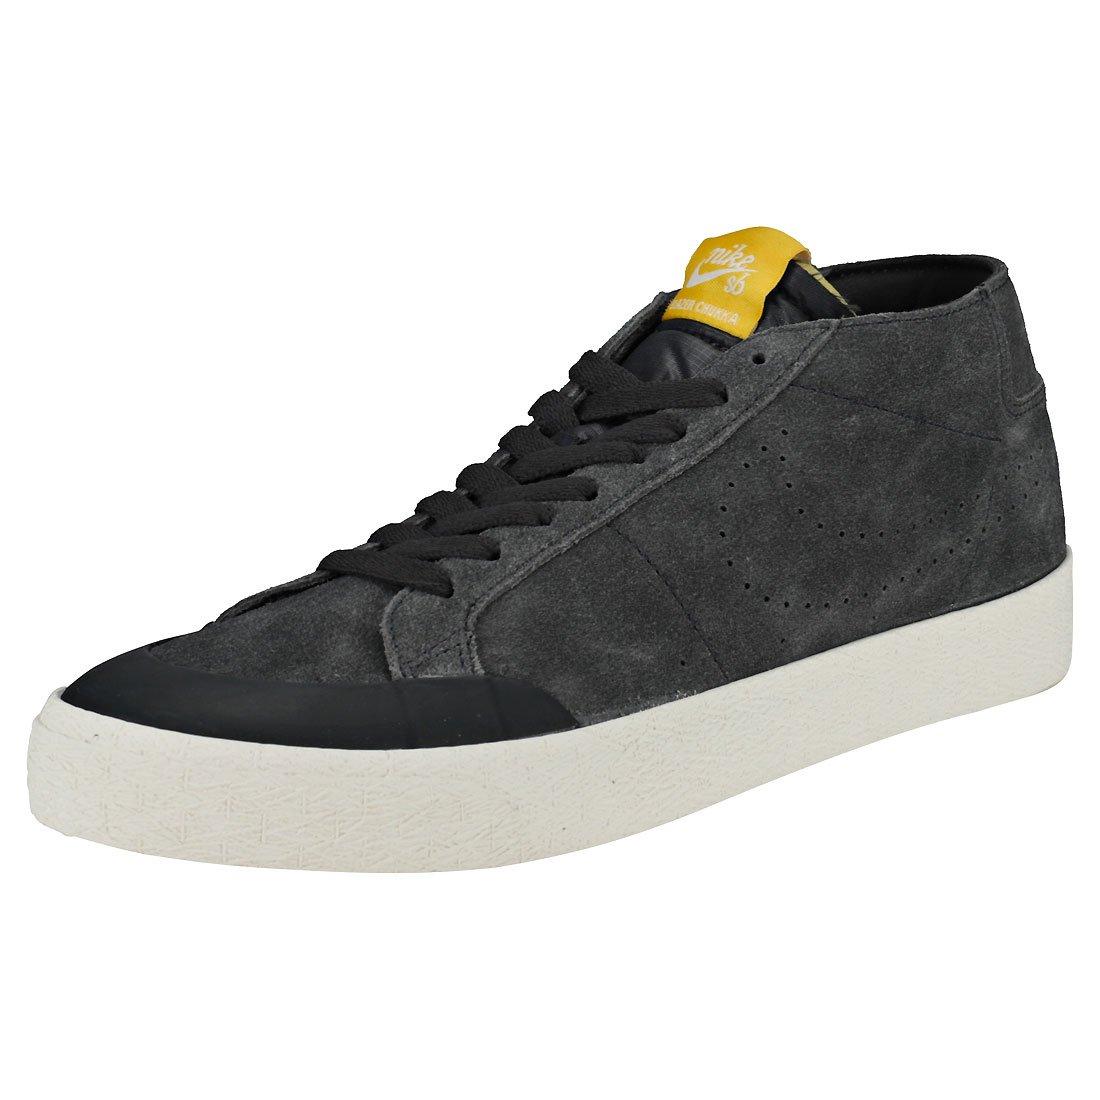 Nike SB Zoom Blazer Chukka XT, Zapatillas de Deporte para Hombre 45 EU|Multicolor (Anthracite/Anthracite/Fir 002)